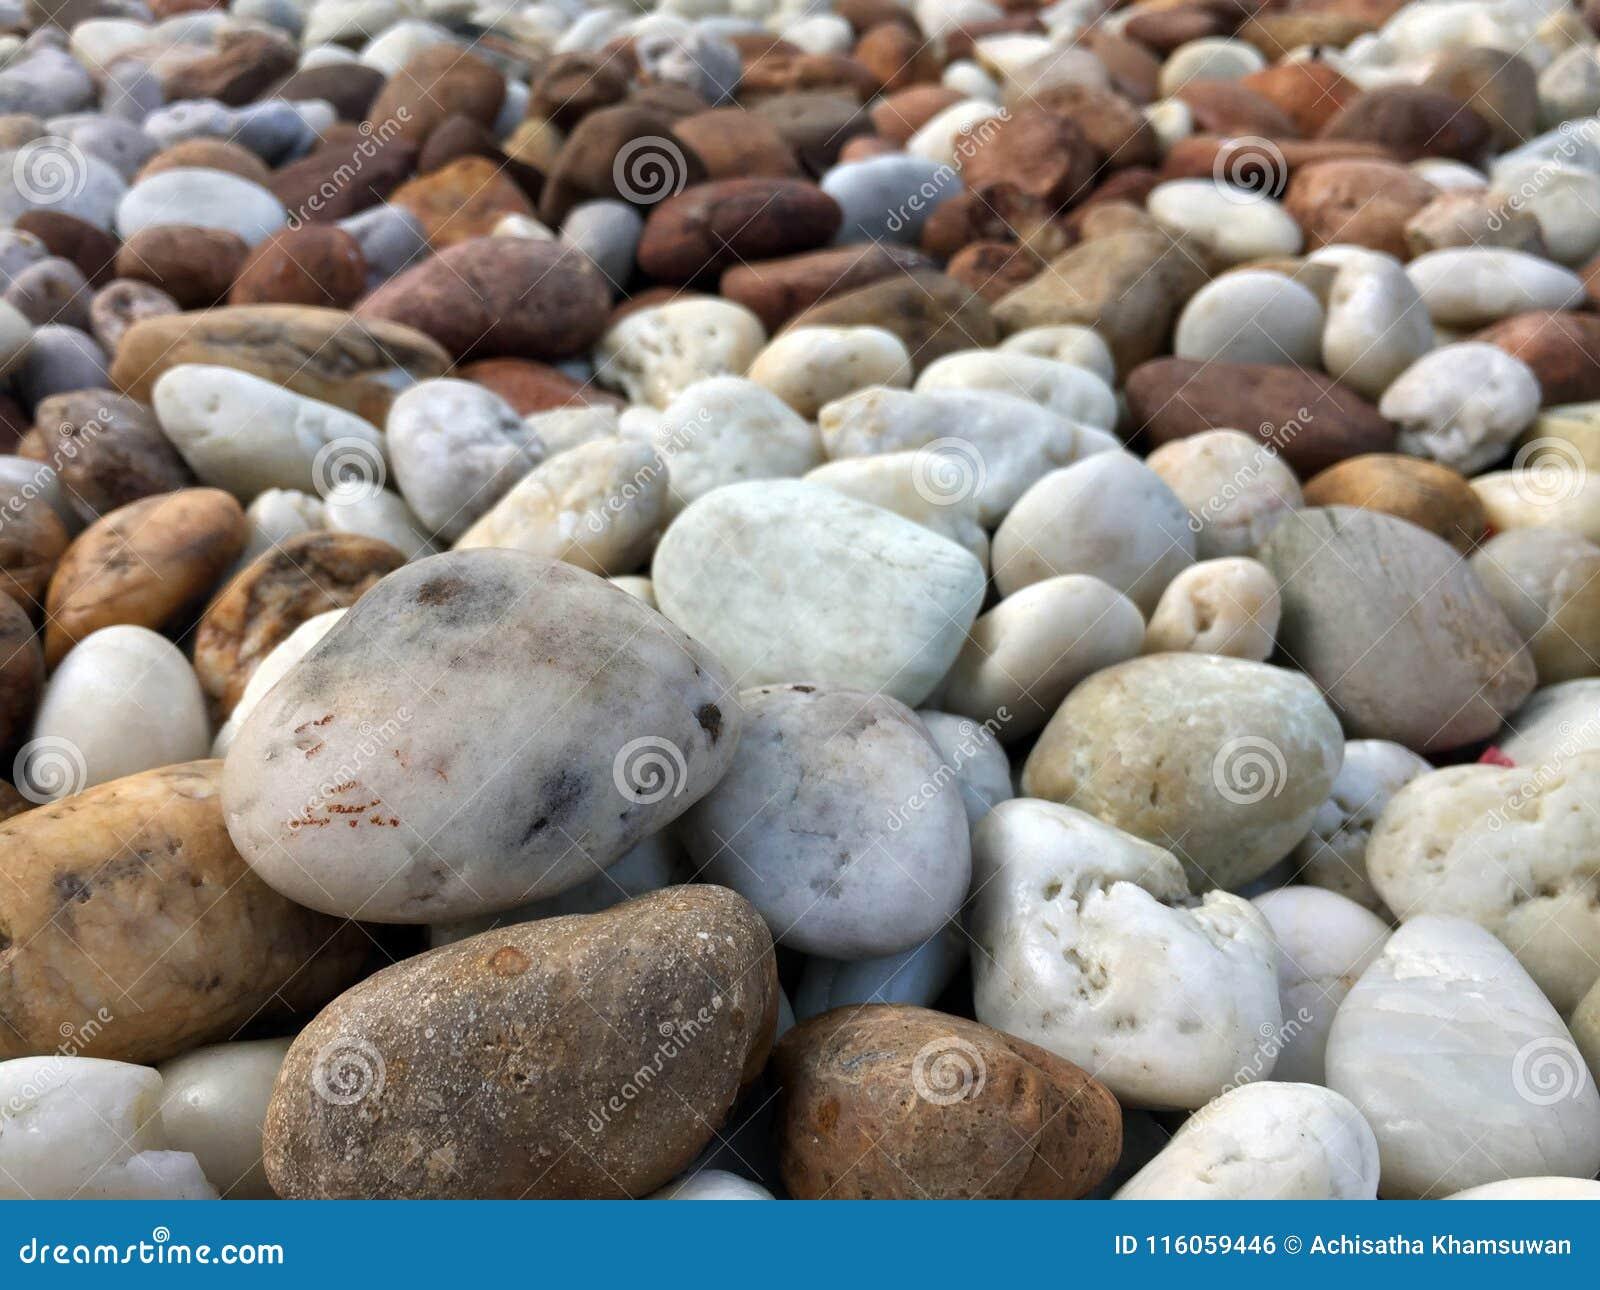 Vlotte bruine zwarte grijze witte kiezelstenen of stenen voor